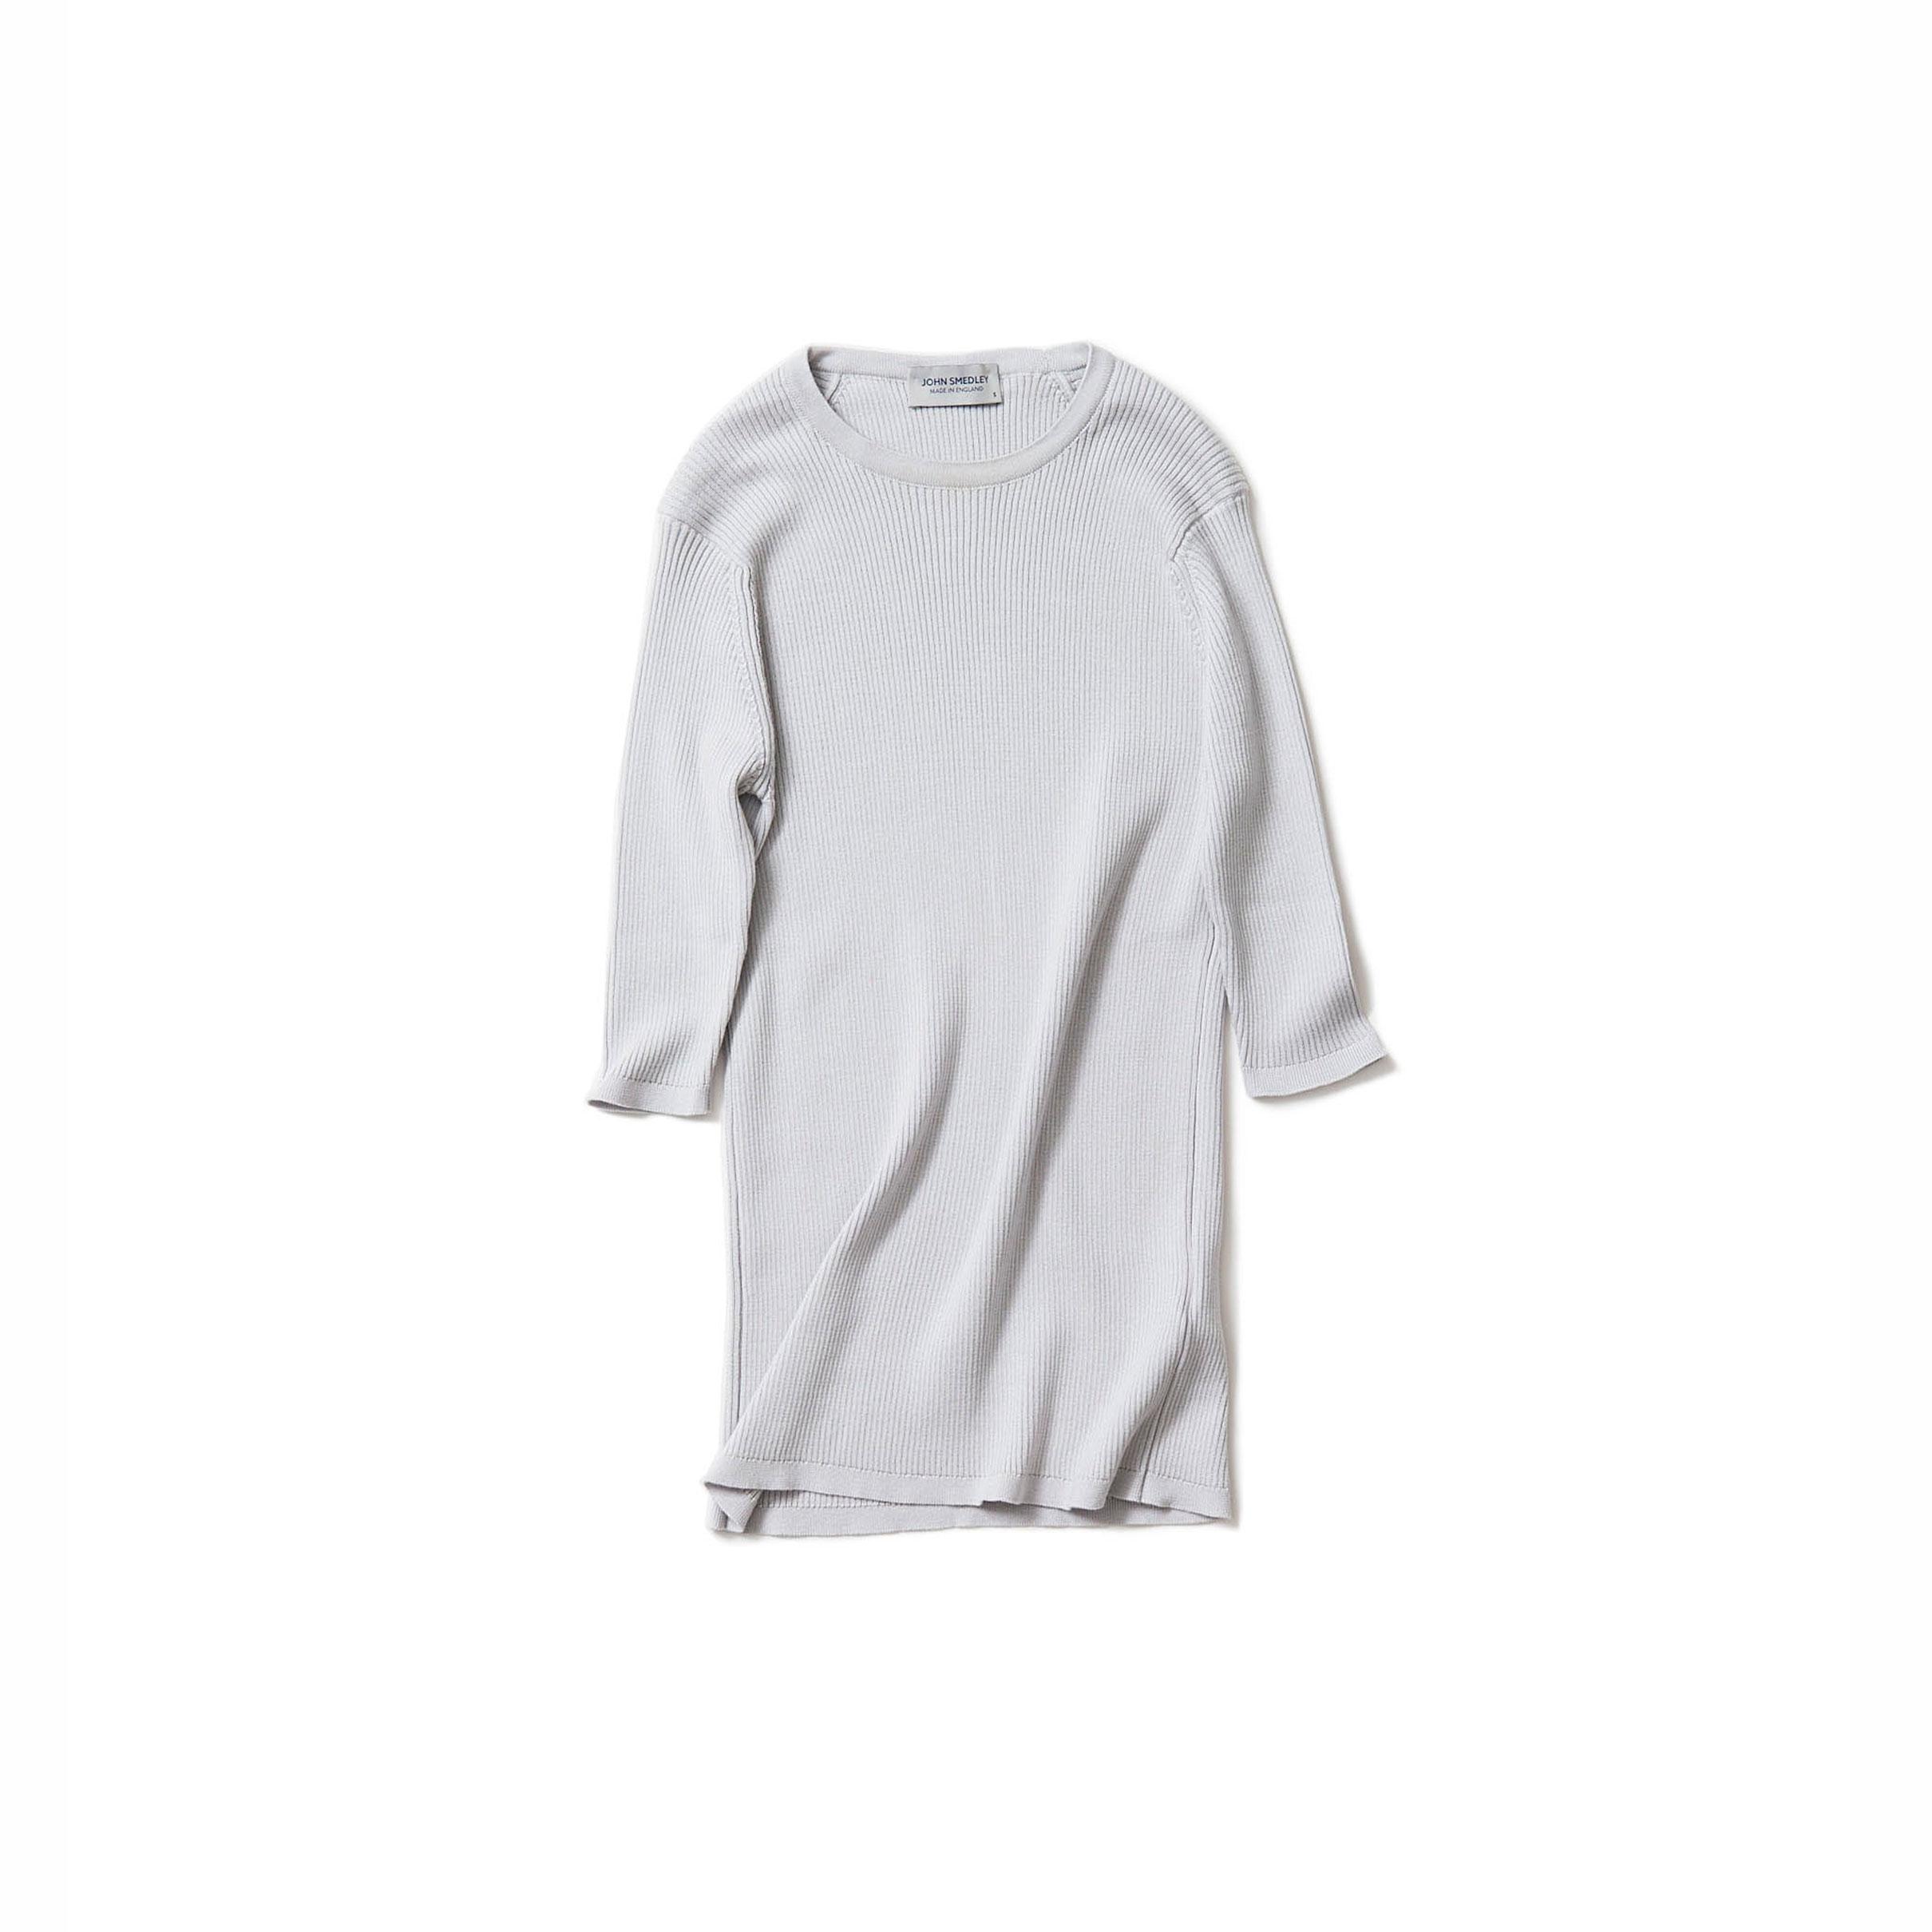 Tシャツニット